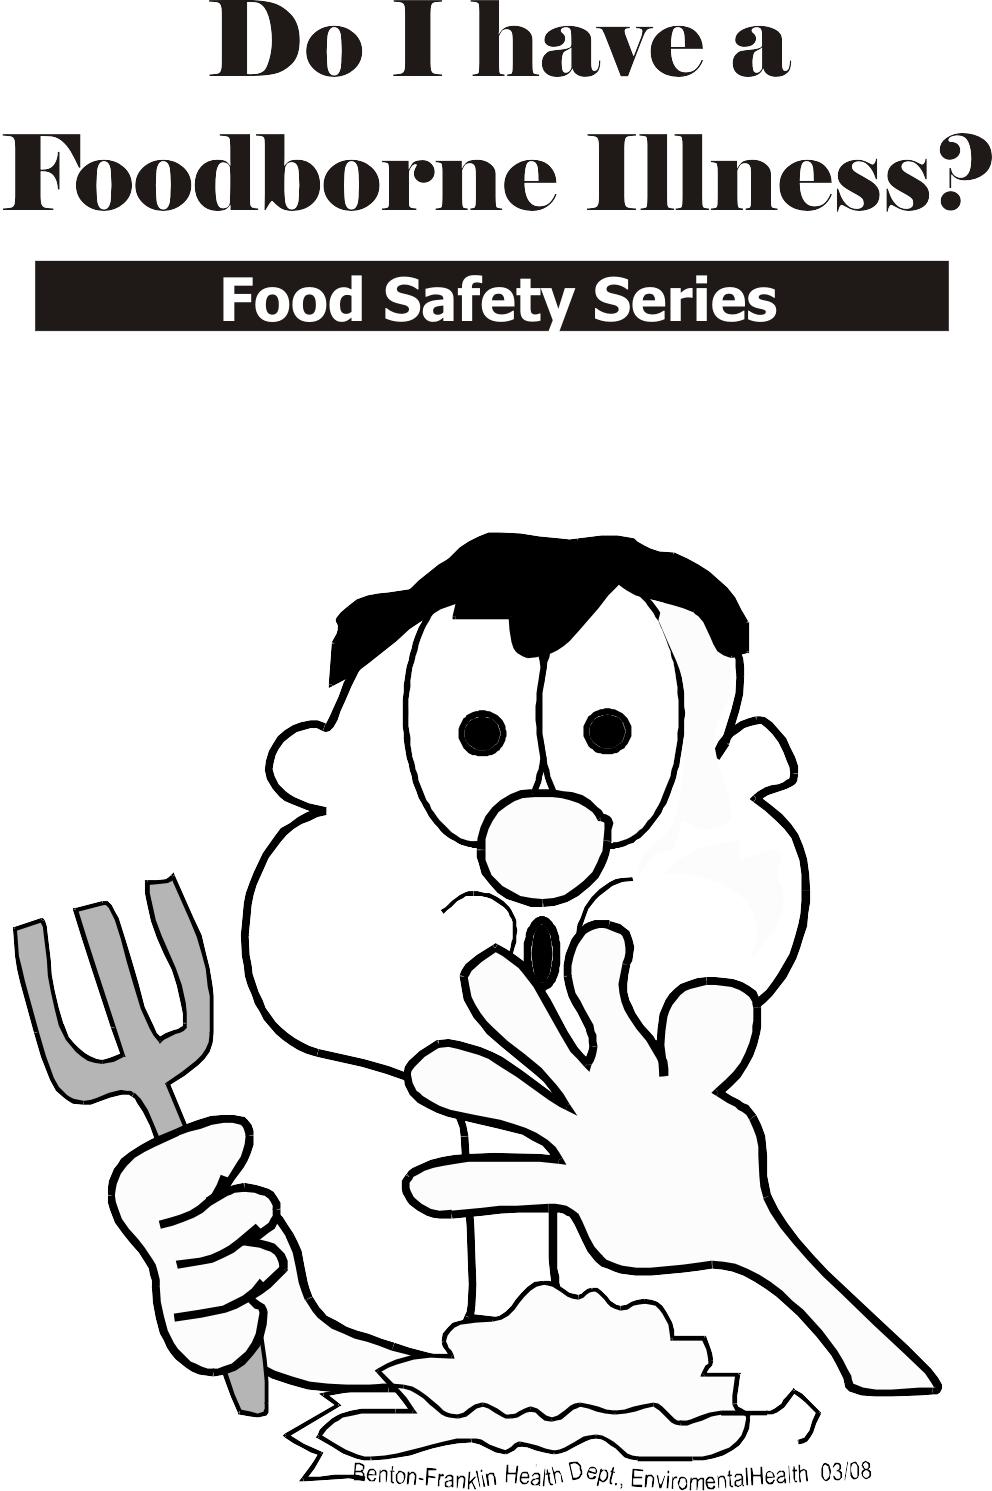 Brochure on Foodborne Illness. Food borne illness, Food